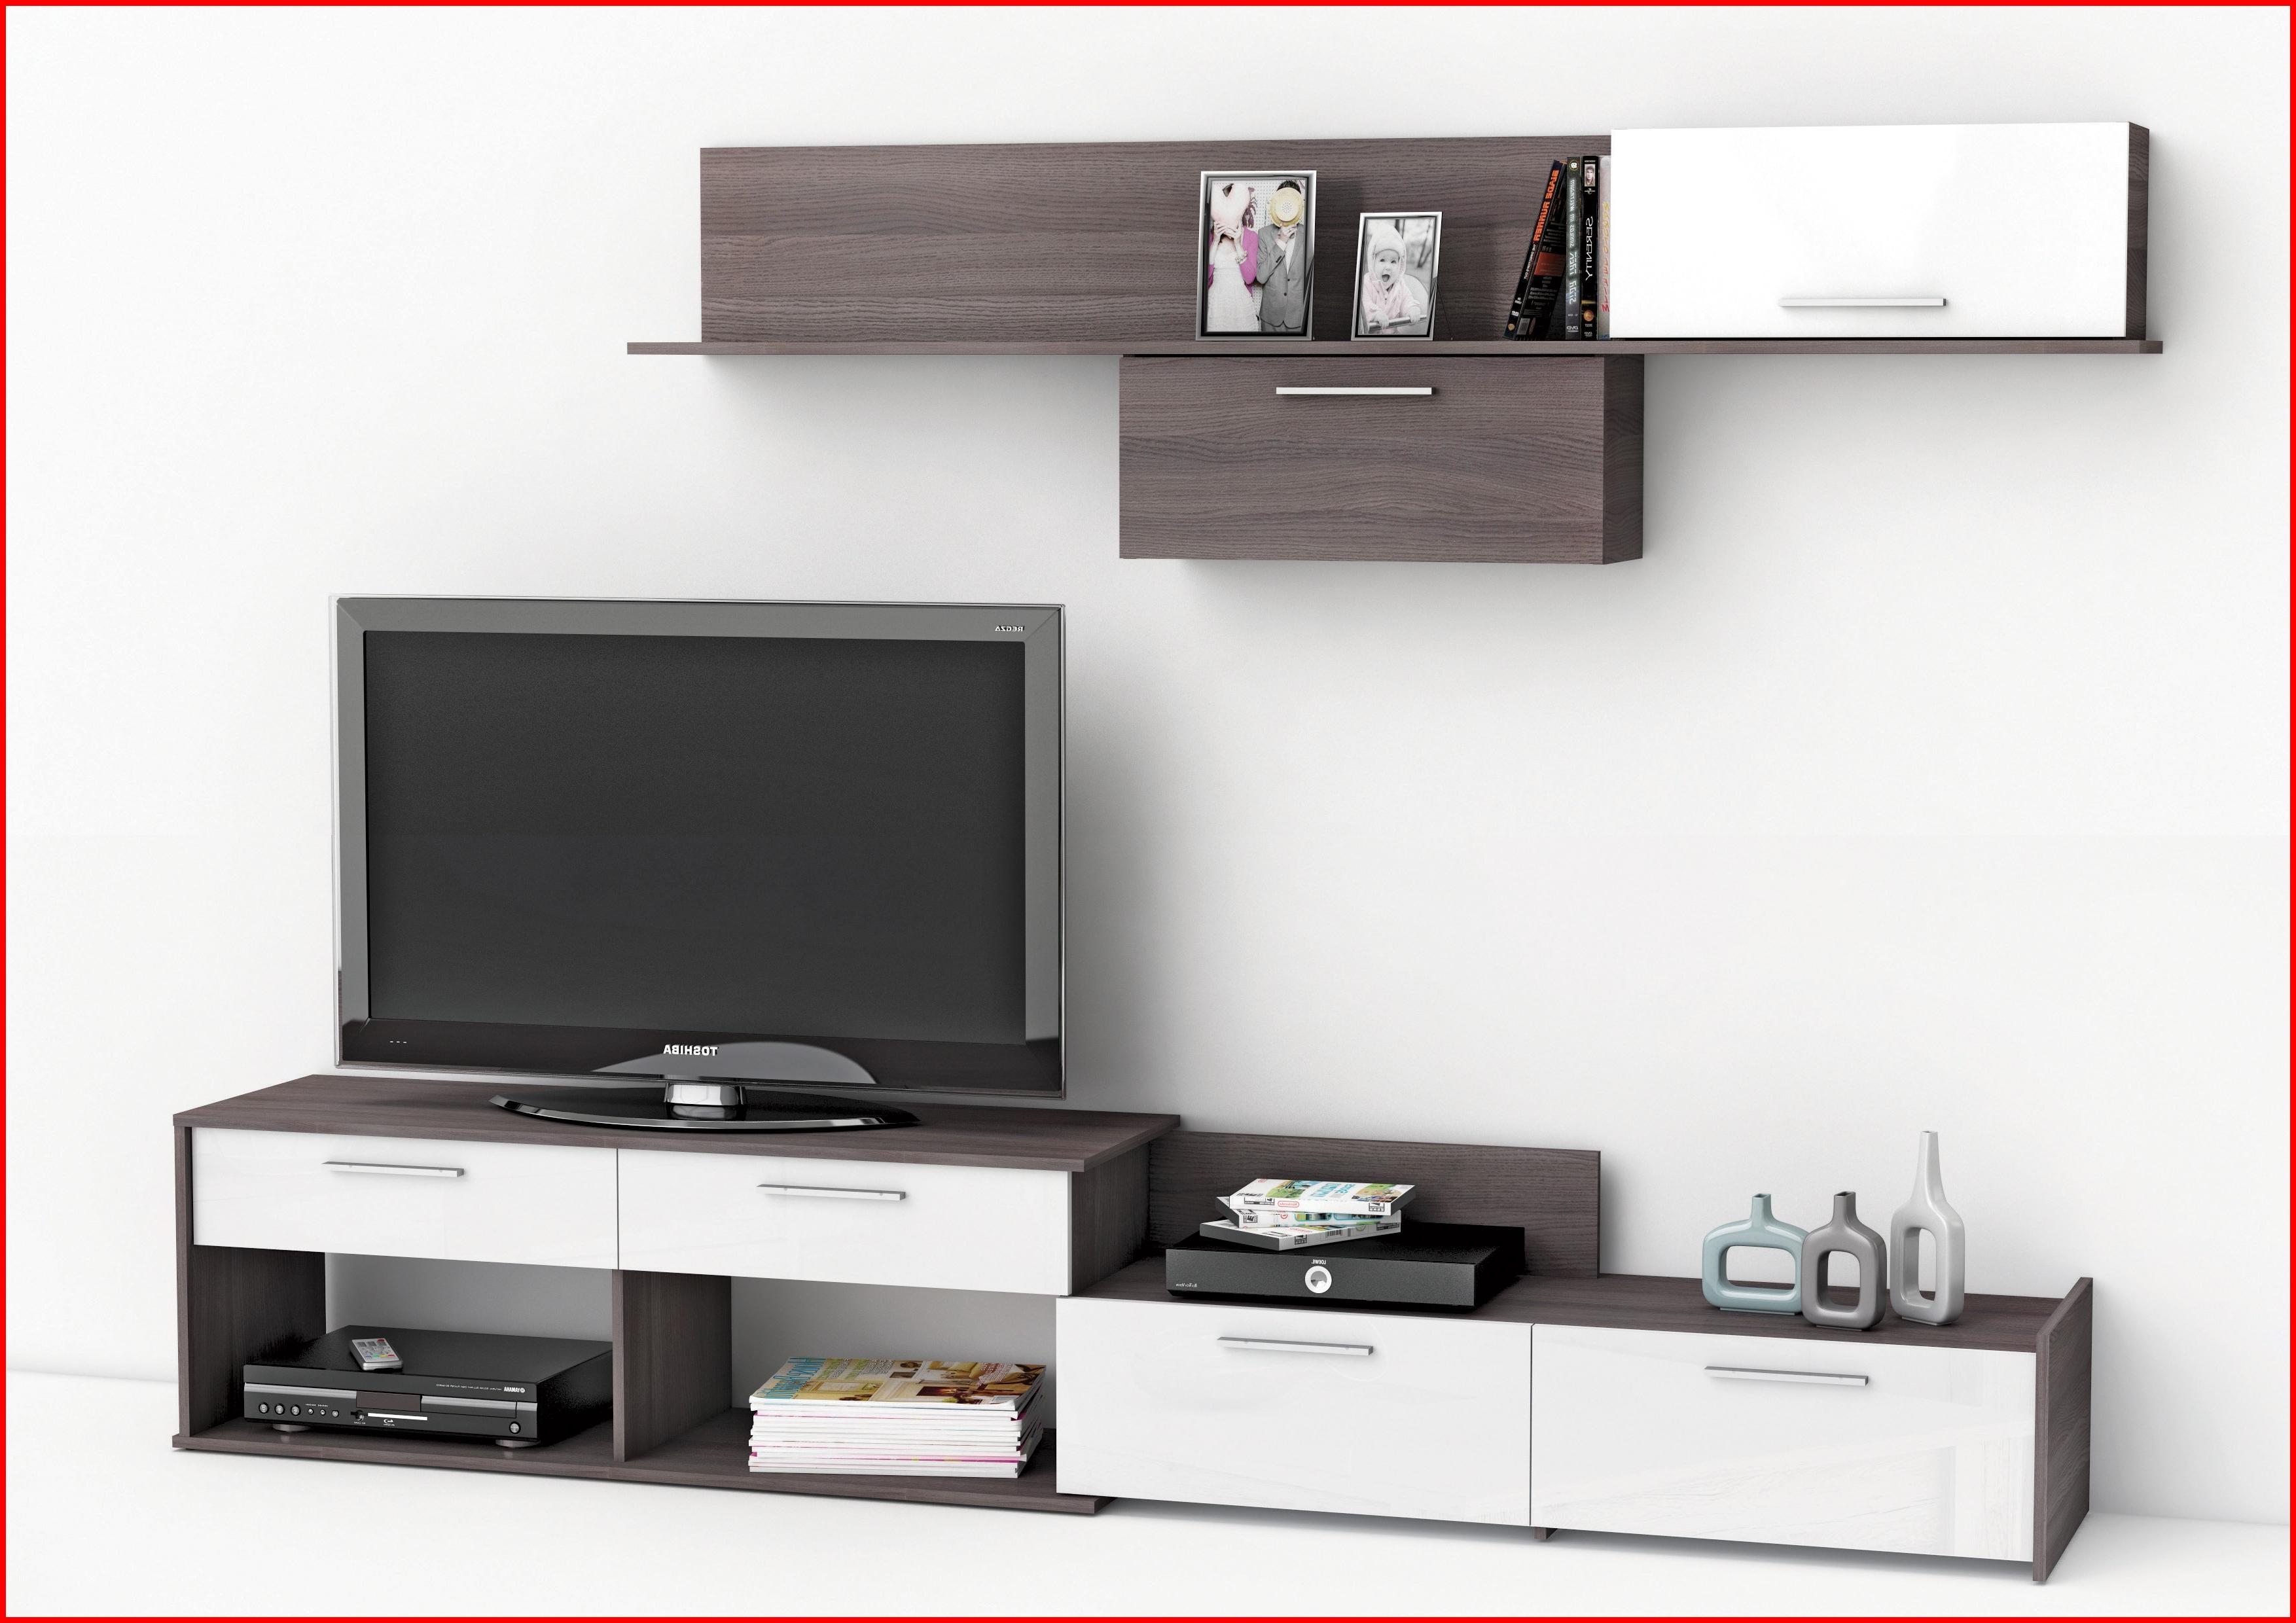 Conforama Muebles Tv Zwd9 Mueble Tv Conforama Pacto Tv Dadra En Conforama Cabinet